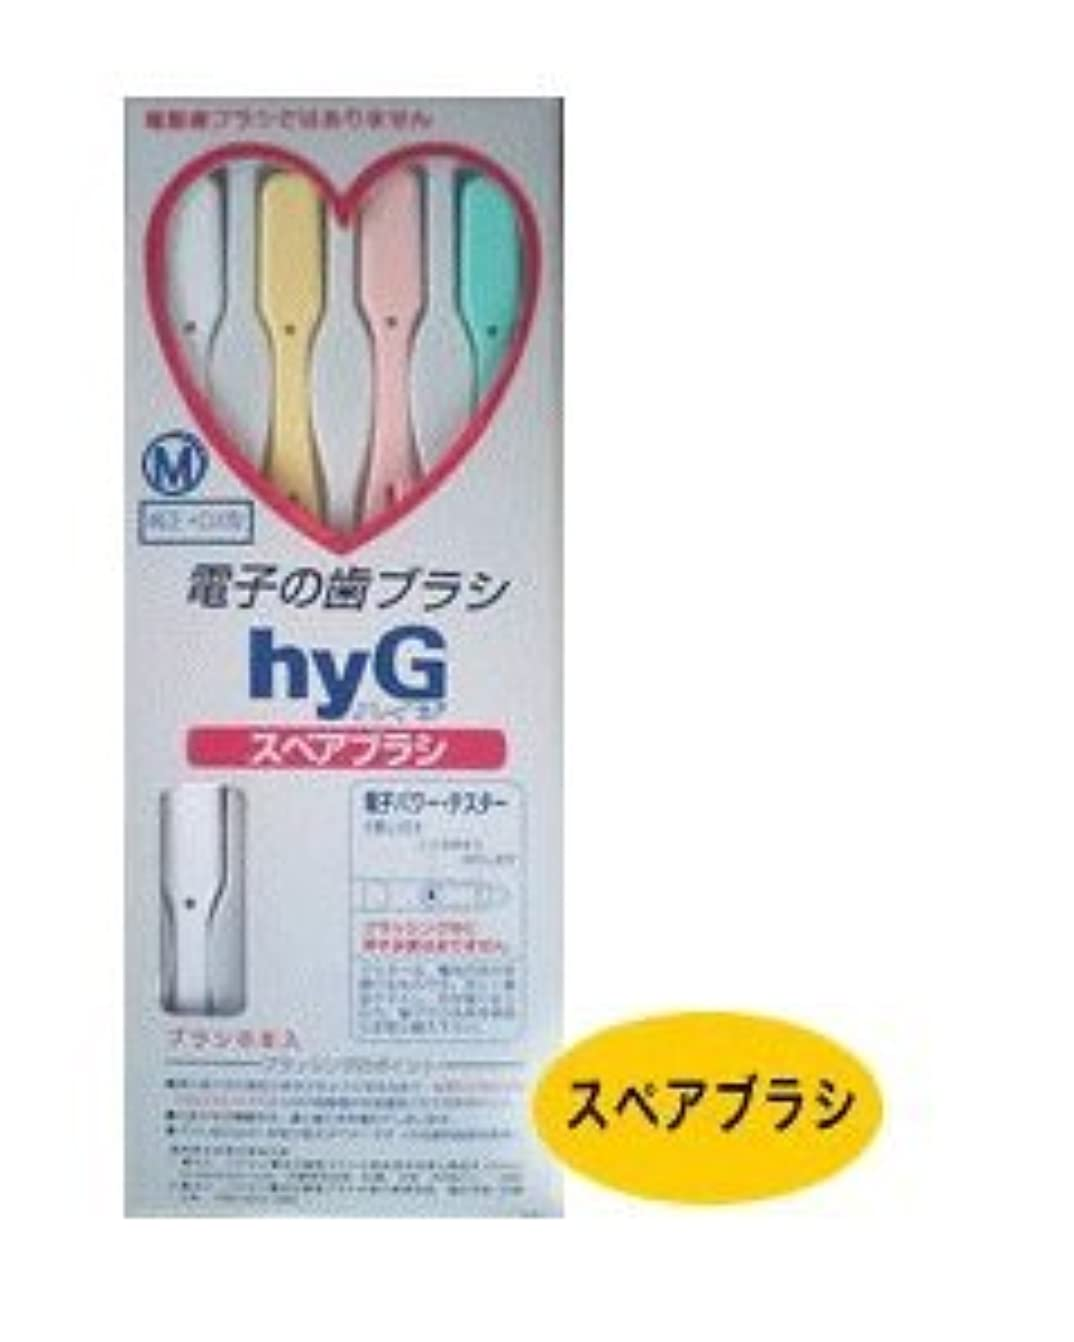 ダイヤルラリーフレームワーク電子の歯ブラシ ハイジ(hyG) スペアブラシ M(ミディアム) 【純正?DX型】